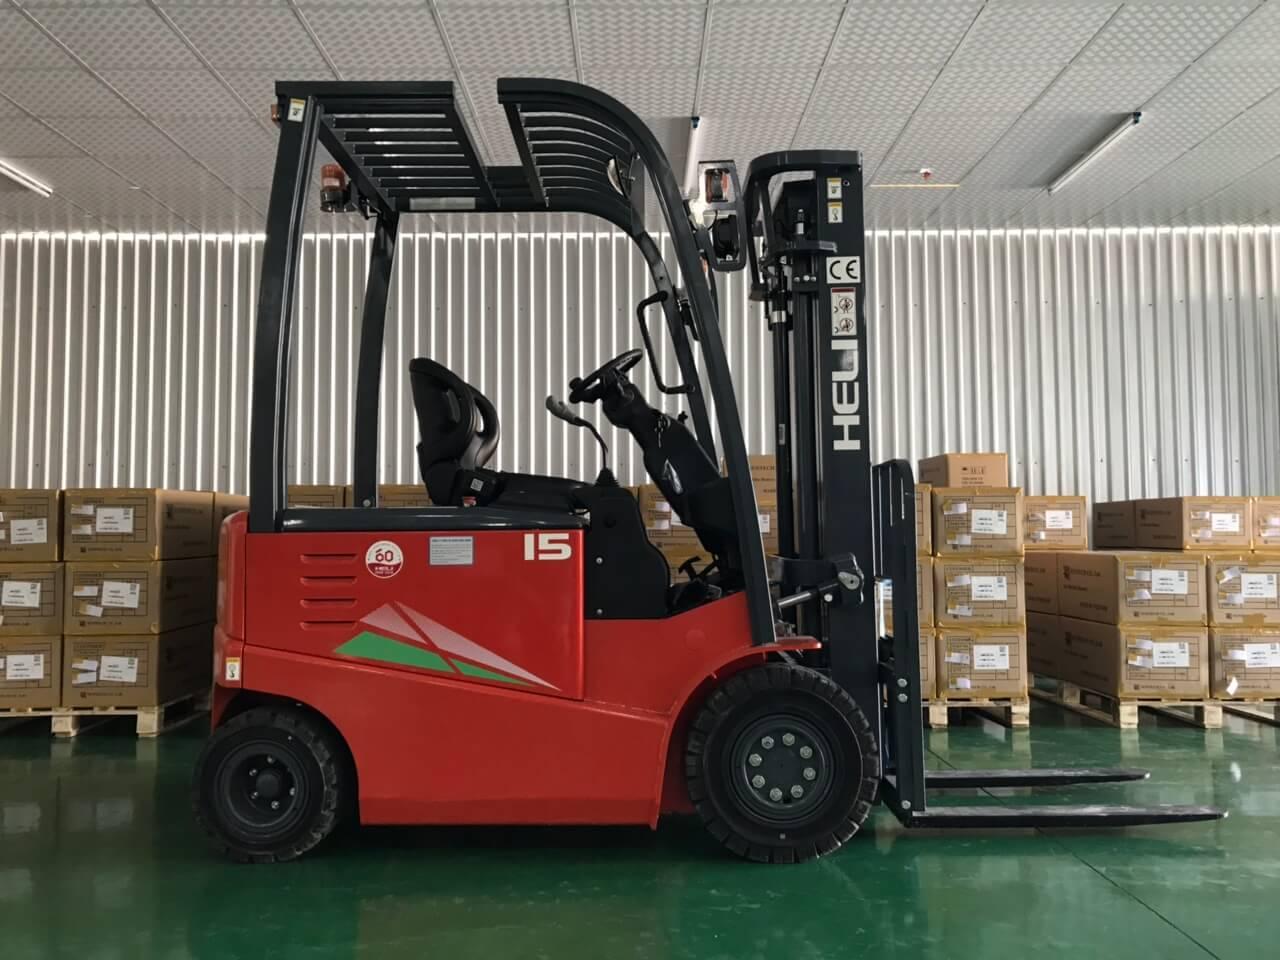 Xe nâng điện 1.5 tấn Heli ngồi lái CPD15